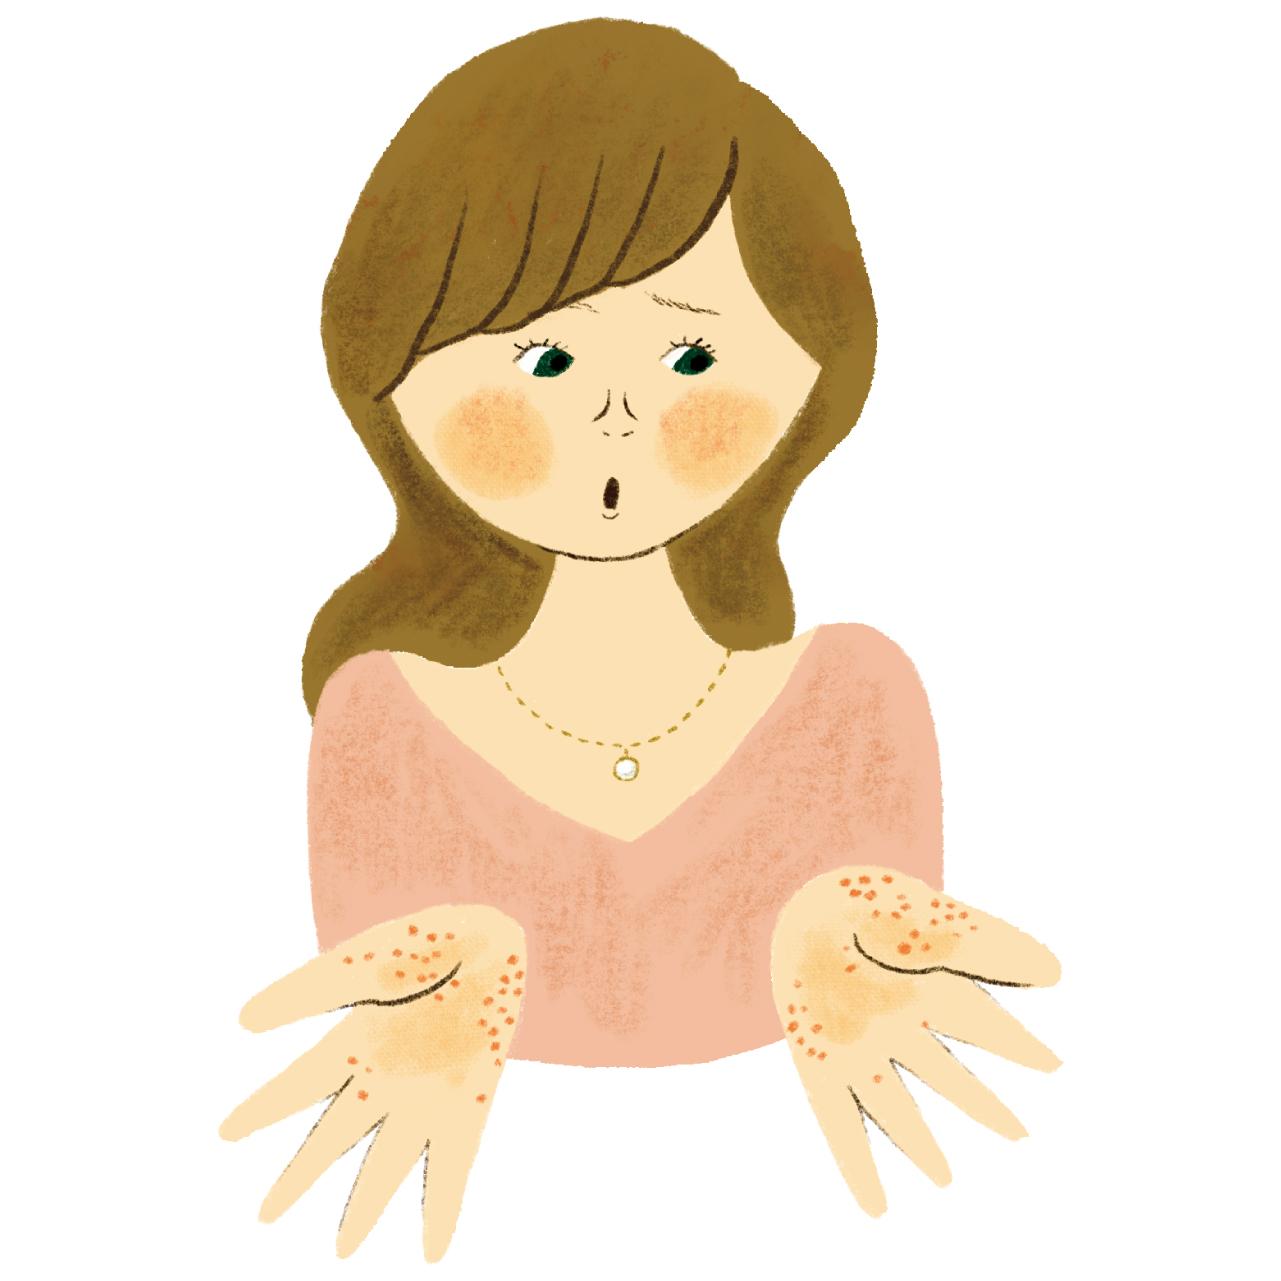 掌蹠膿疱症イラスト